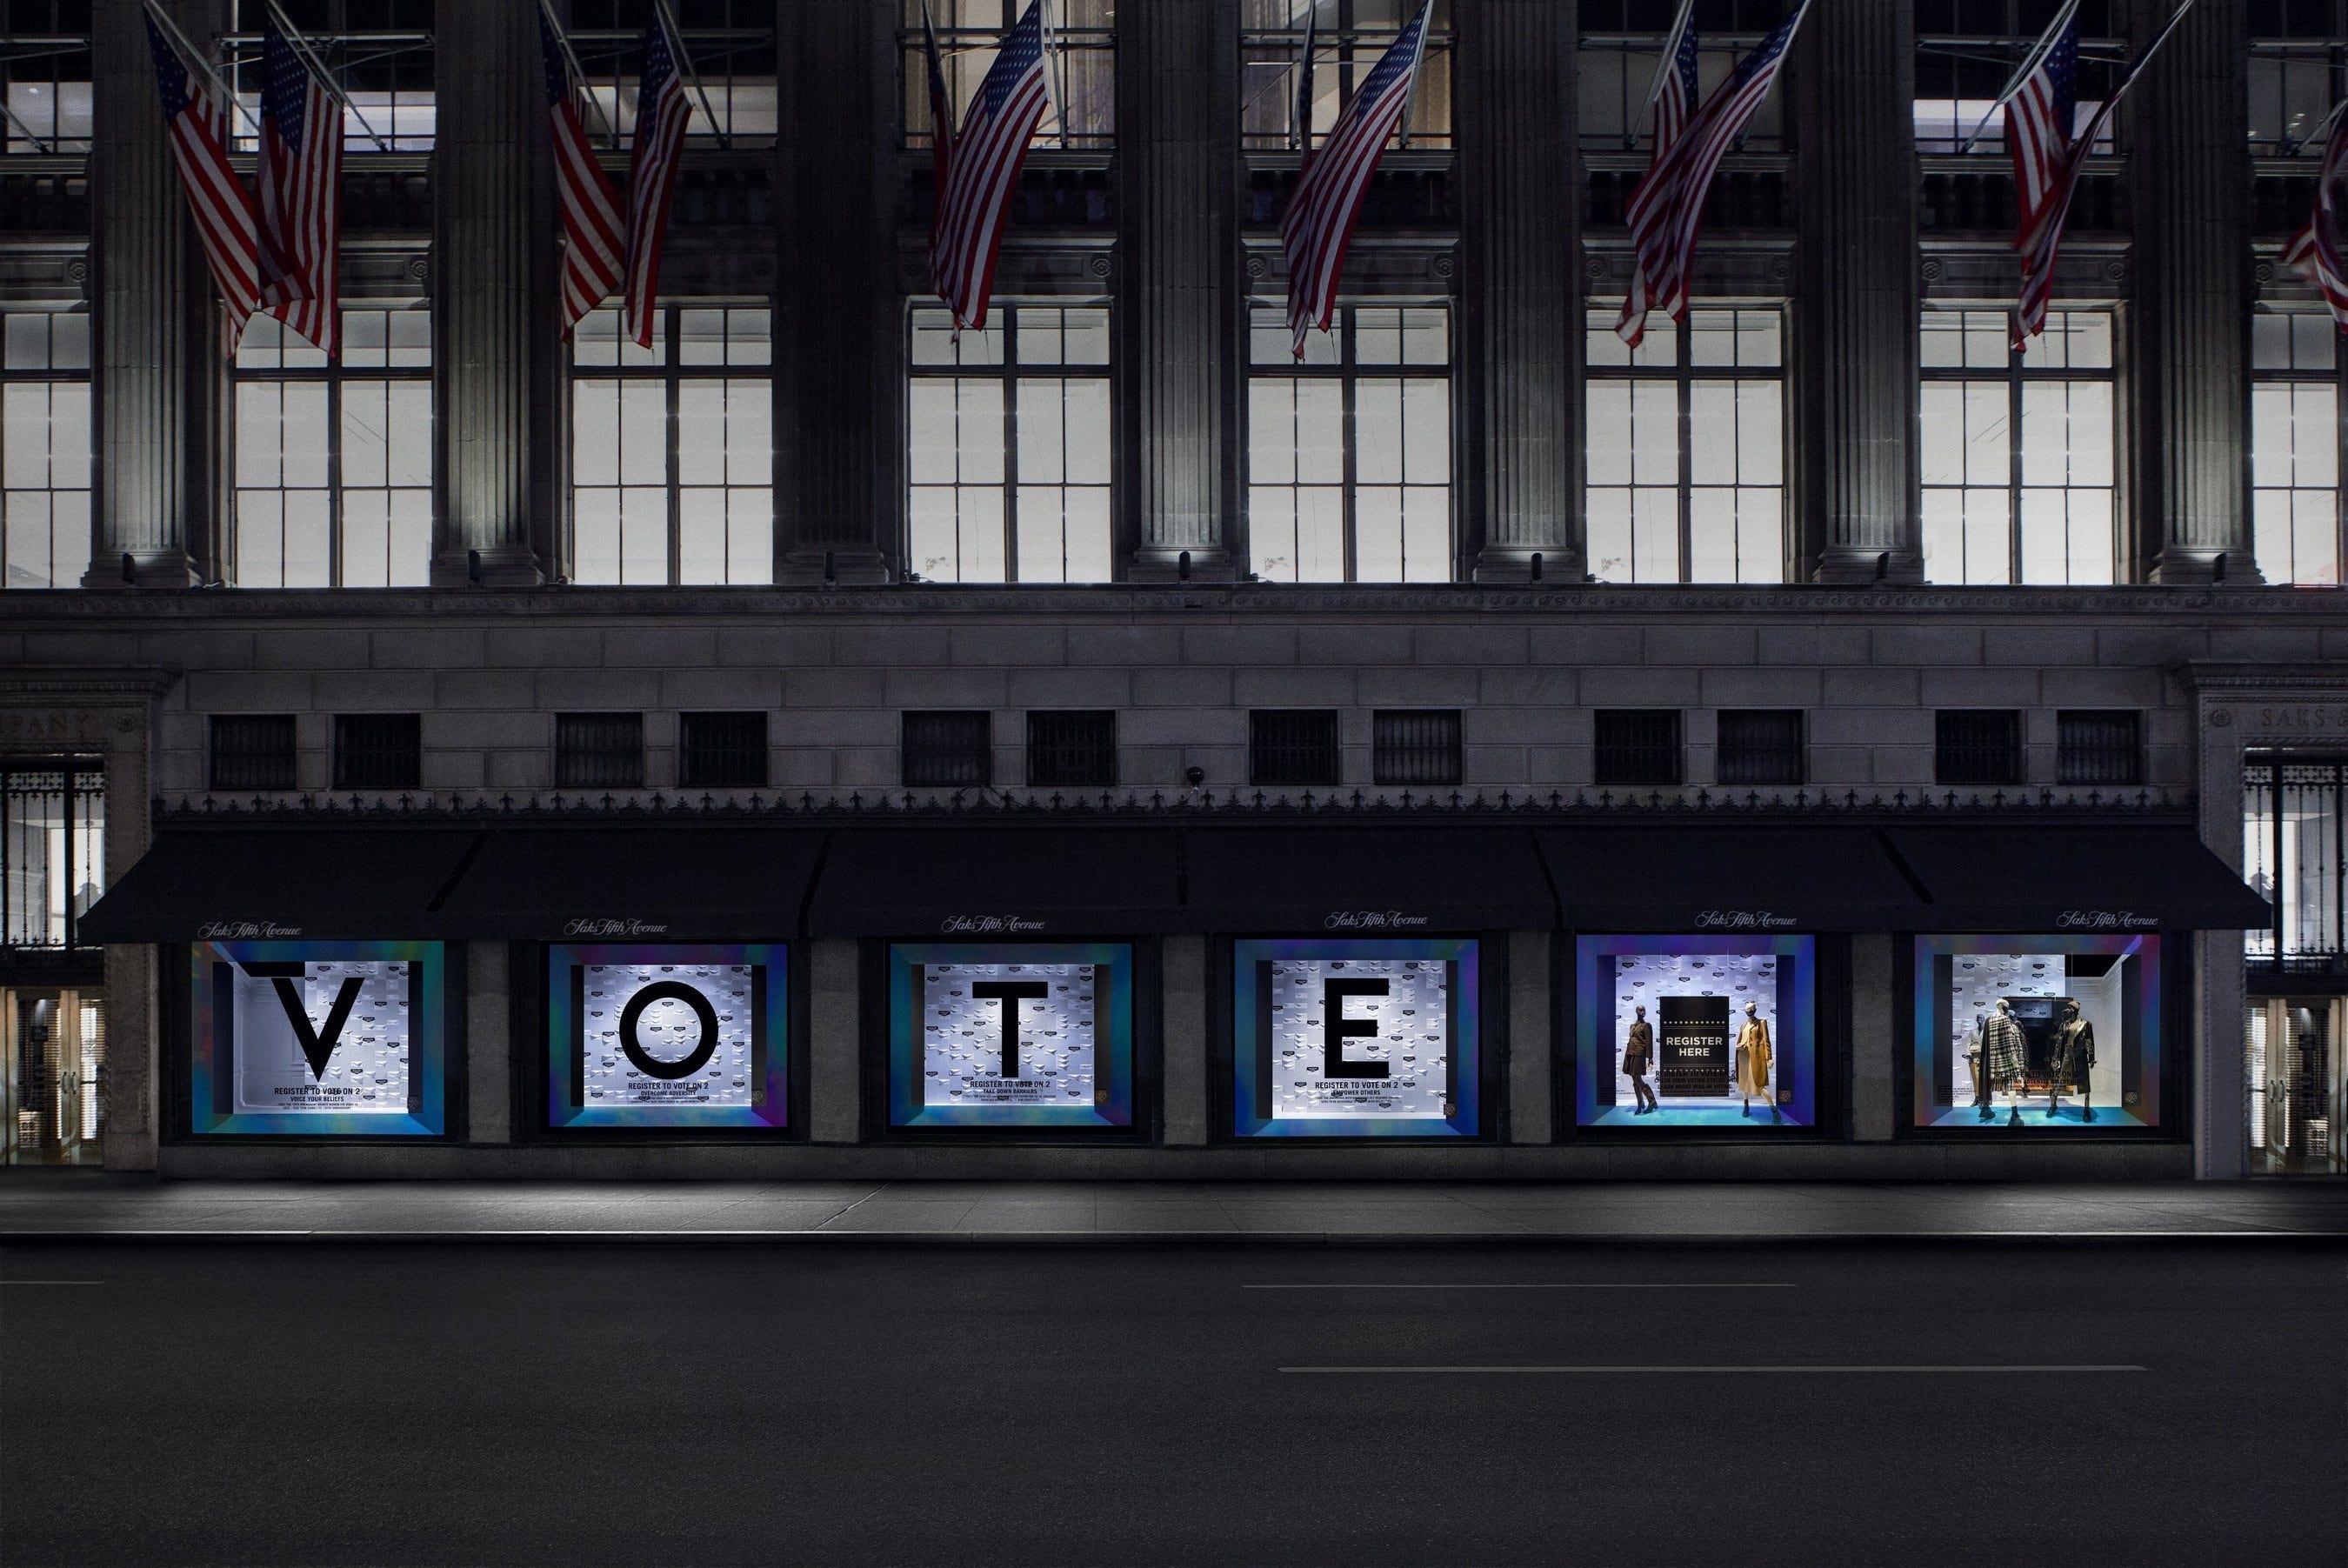 Saks Fifth Avenue offering 2020 voter registration